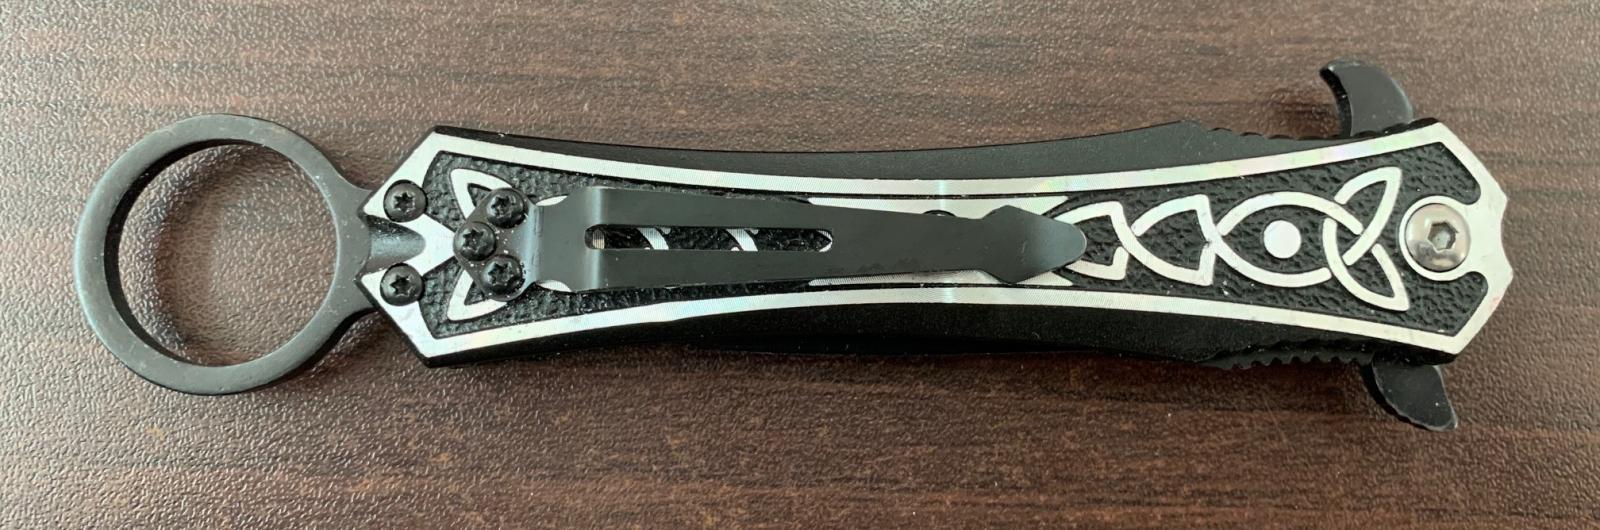 Складной нож-стилет Tac-Force с кольцом для темляка